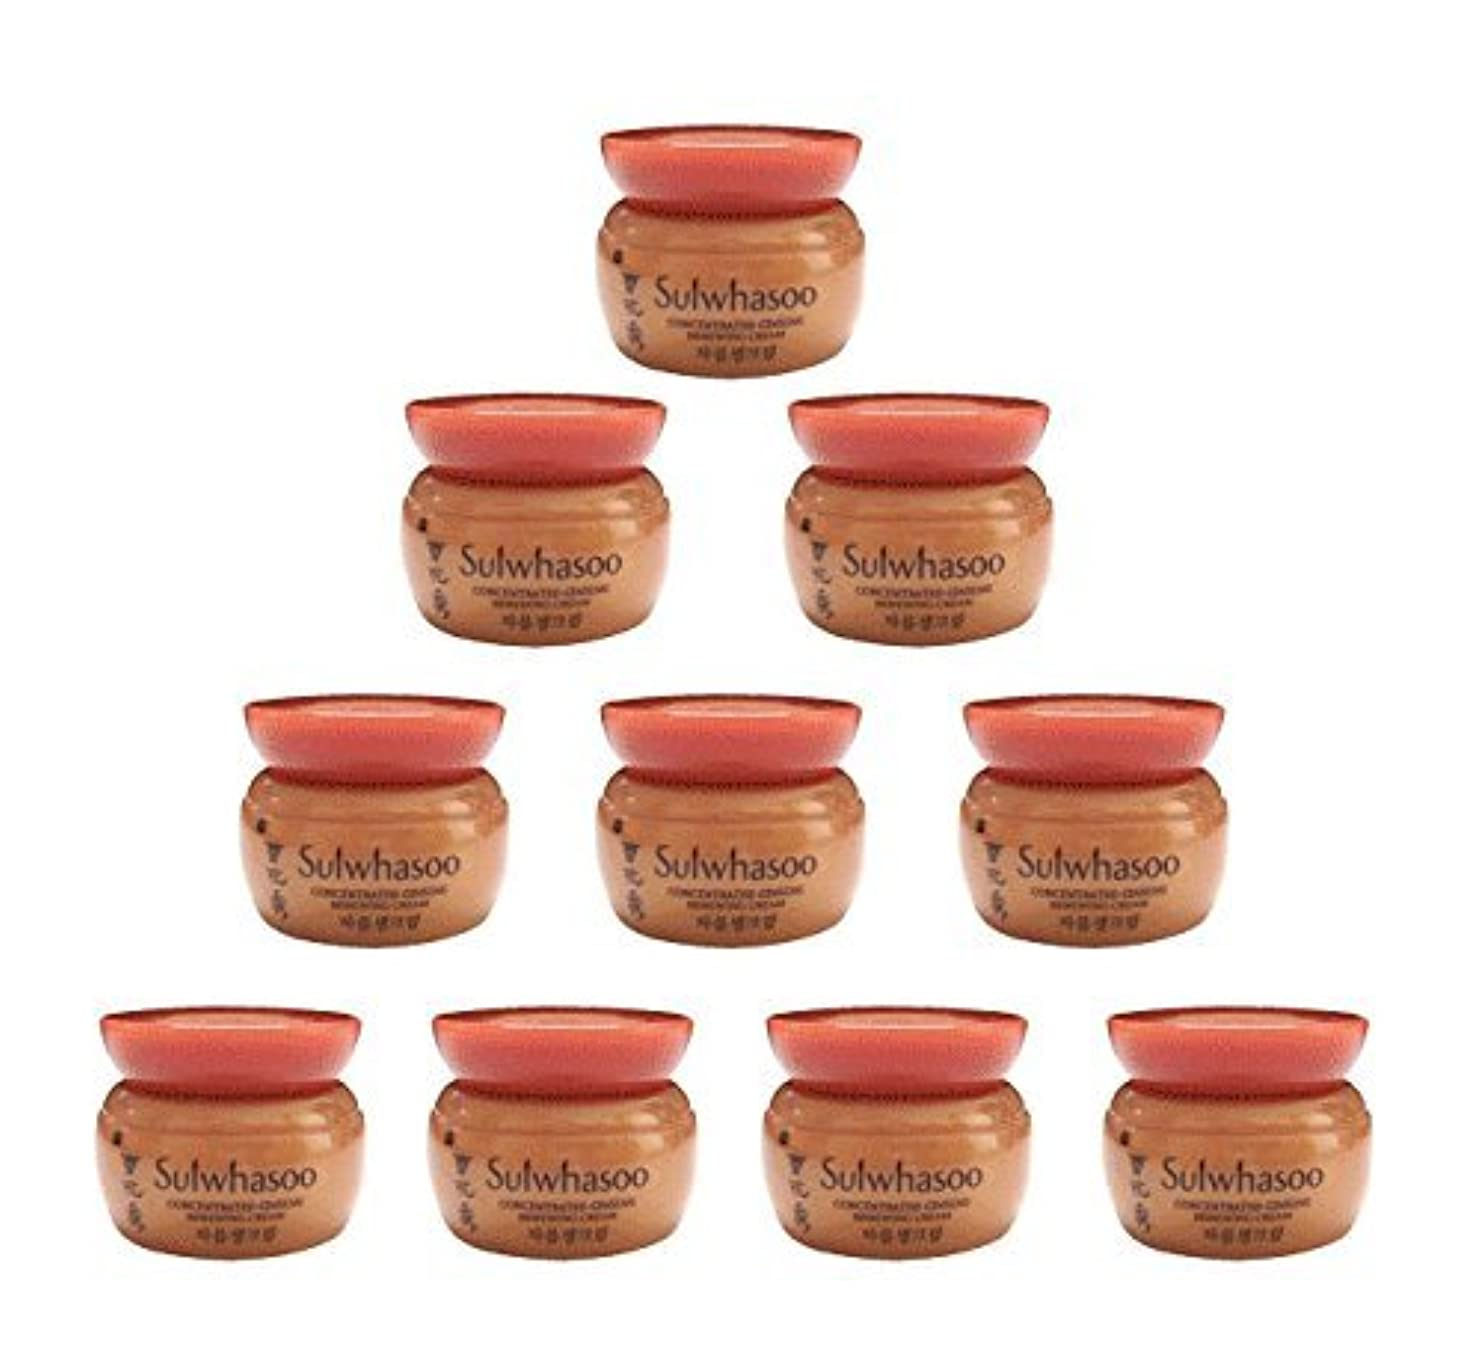 ジュラシックパーク知り合いになる暫定の【ソルファス 雪花秀 Sulwhasoo】 Concentrated Ginseng Renewing Cream(50ml) 5ml x 10個 韓国化粧品 ブランドのサンプル [並行輸入品]